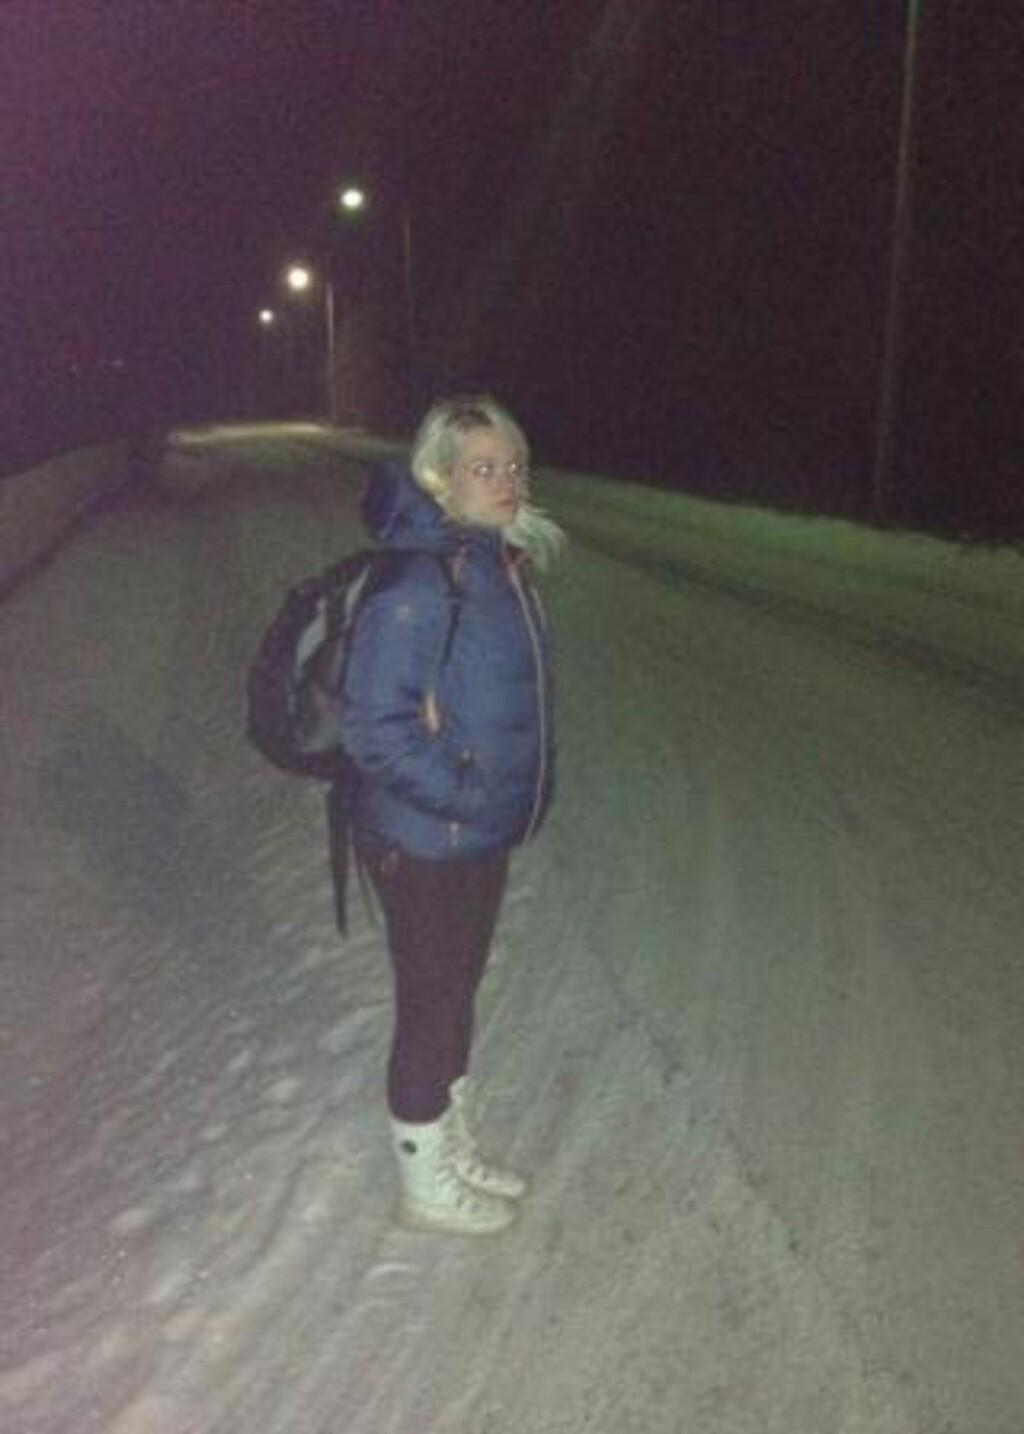 KALD VEI HJEM: Her er Kristel Andrea etter at hun endelig kom hjem fra skolen i går. Foto: Privat